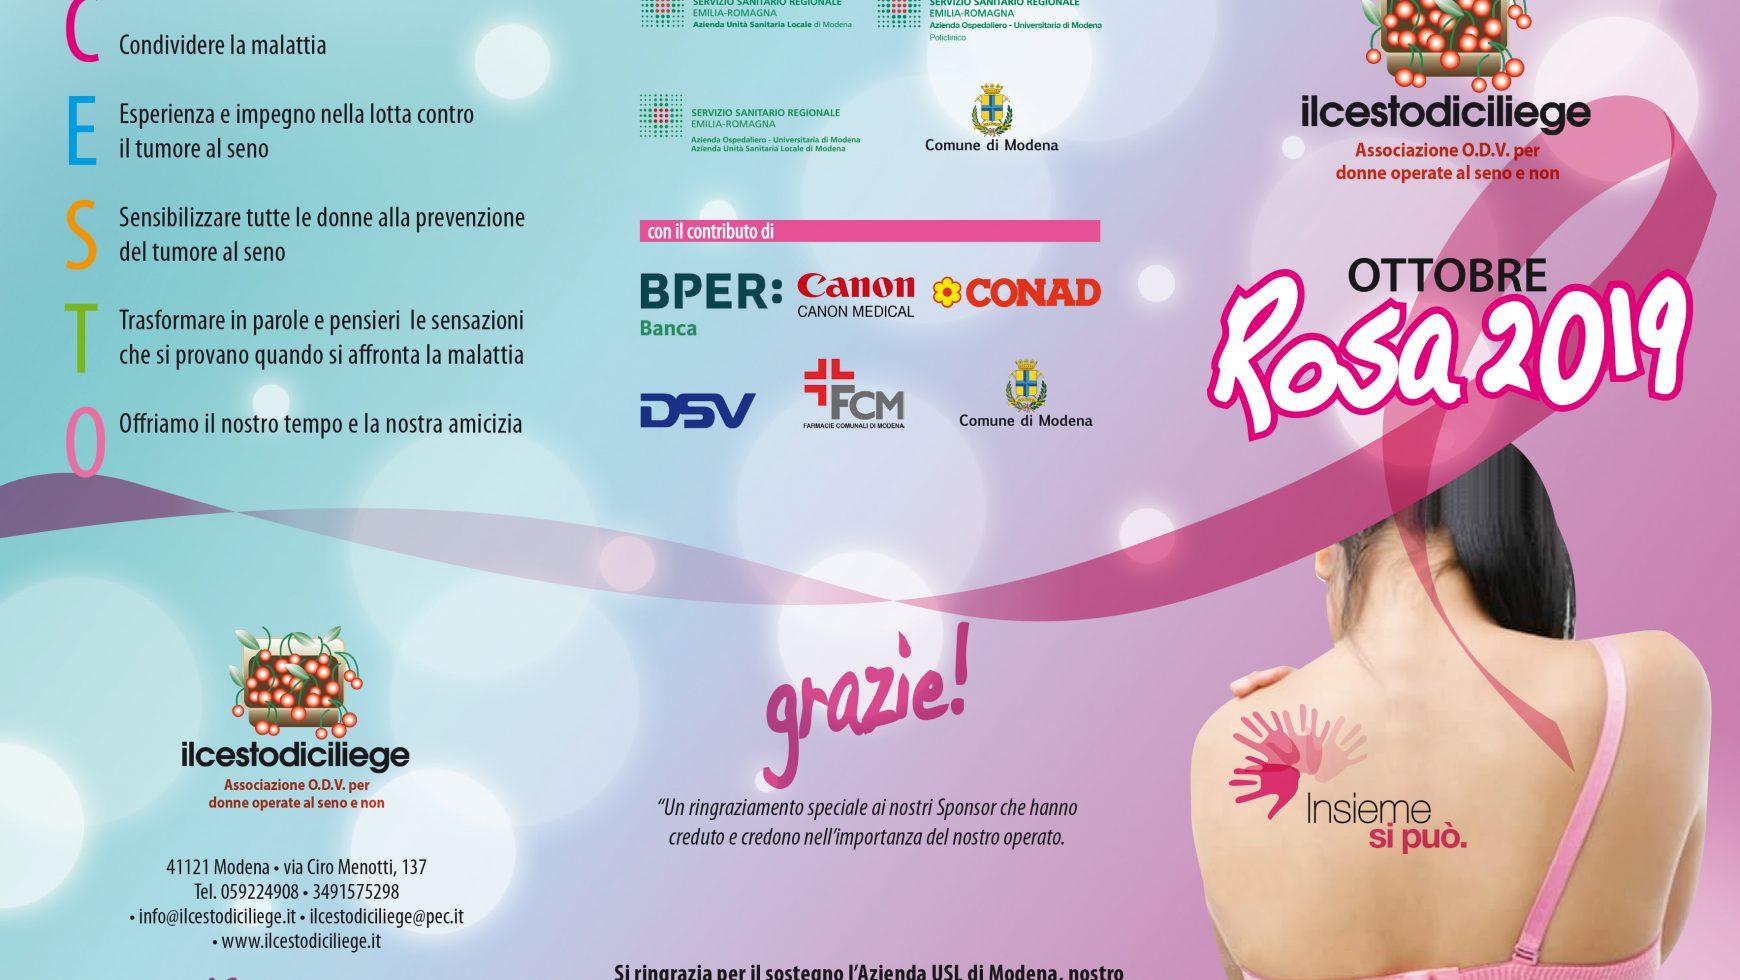 Ottobre Rosa 2019